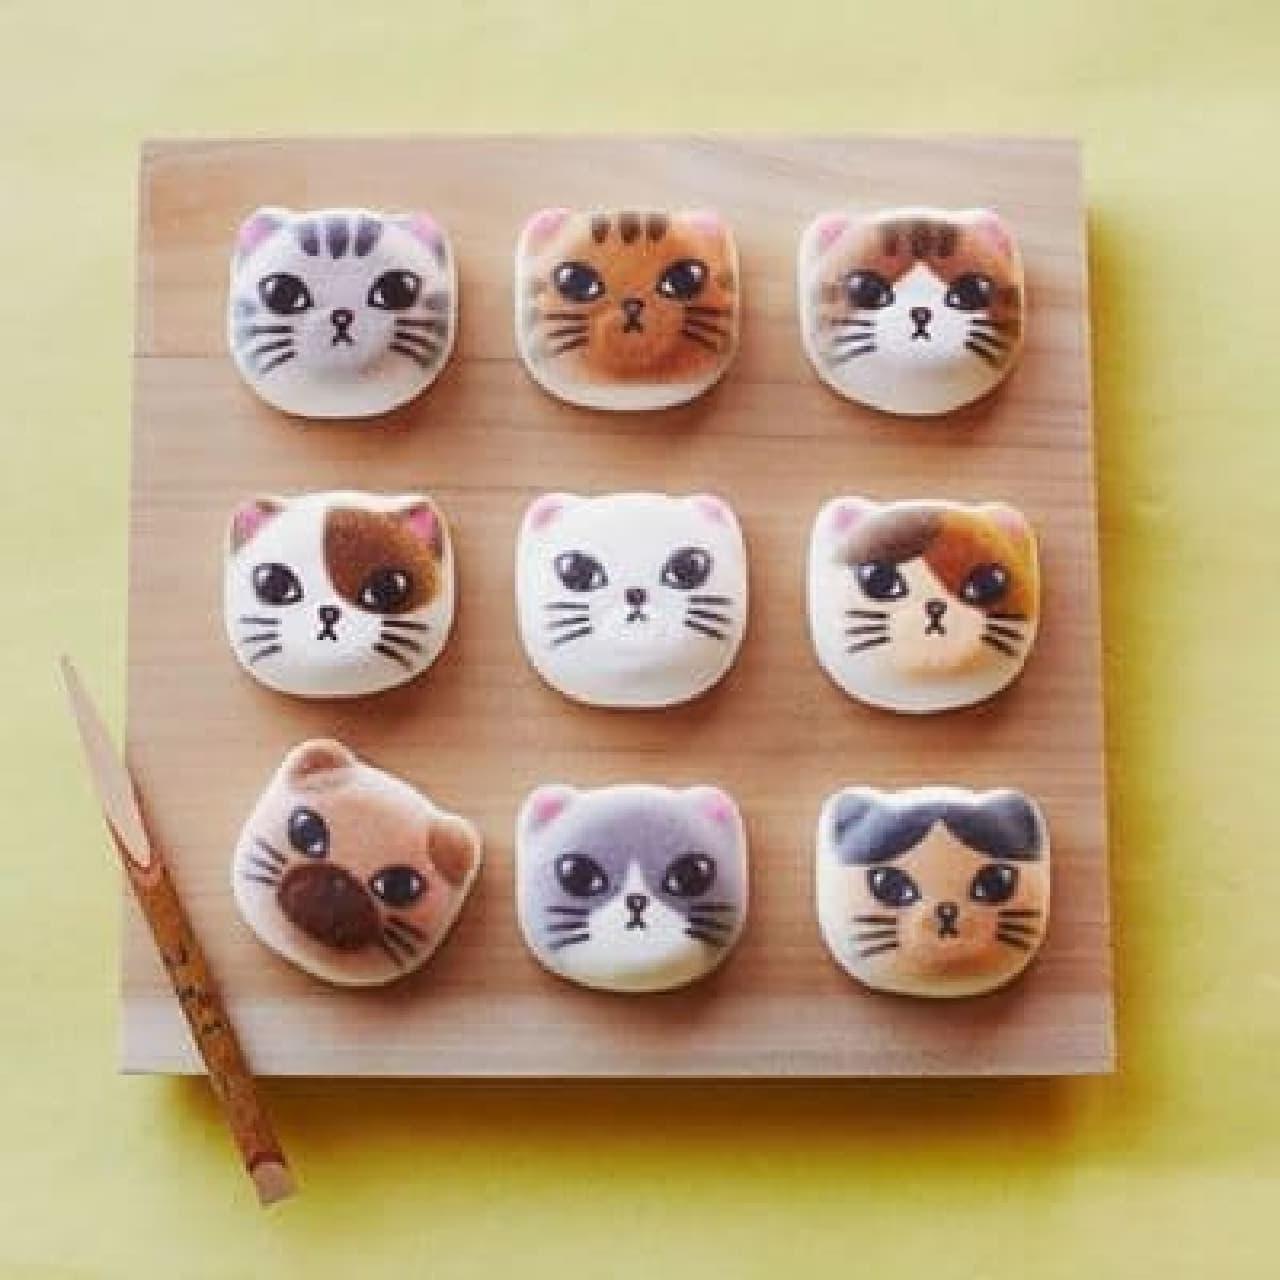 東京ソラマチ店限定商品:「ミニ和風ニャシュマロ(猫ほうずい)」